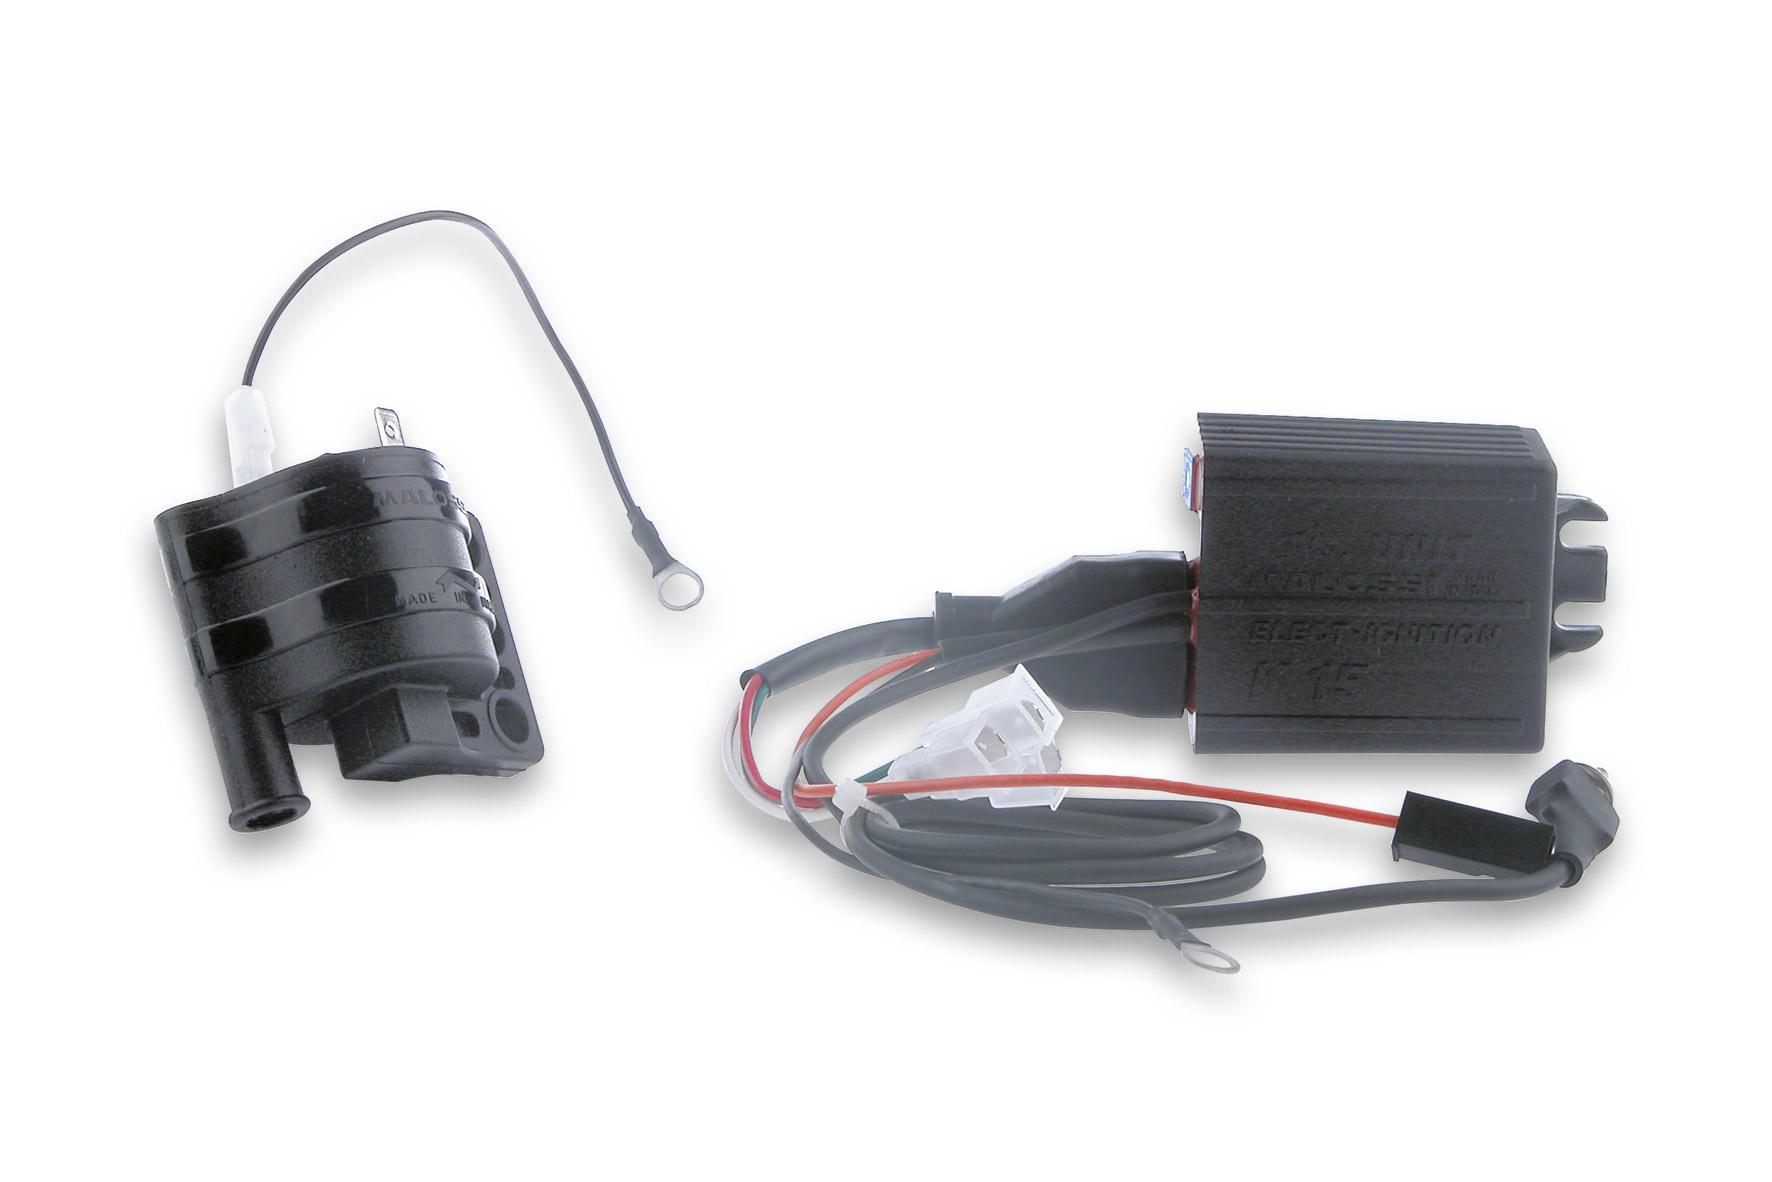 Centralina elettronica TC UNIT RPM CONTROL K15 completa di bobina